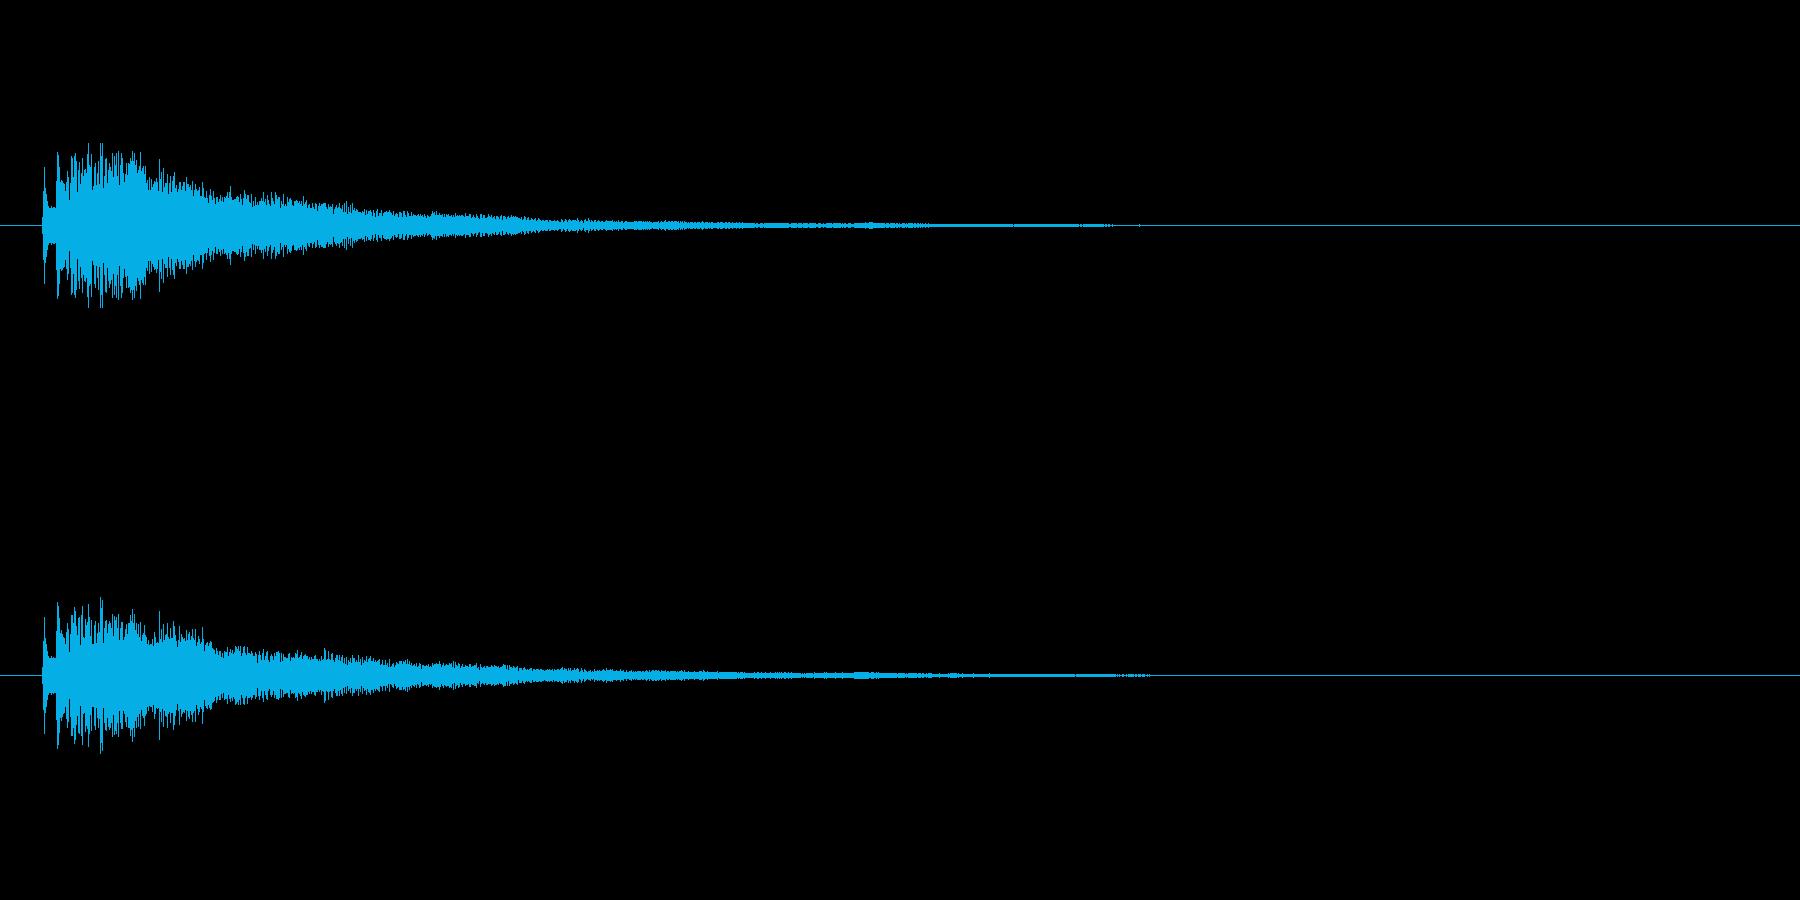 【ショートブリッジ15-1】の再生済みの波形